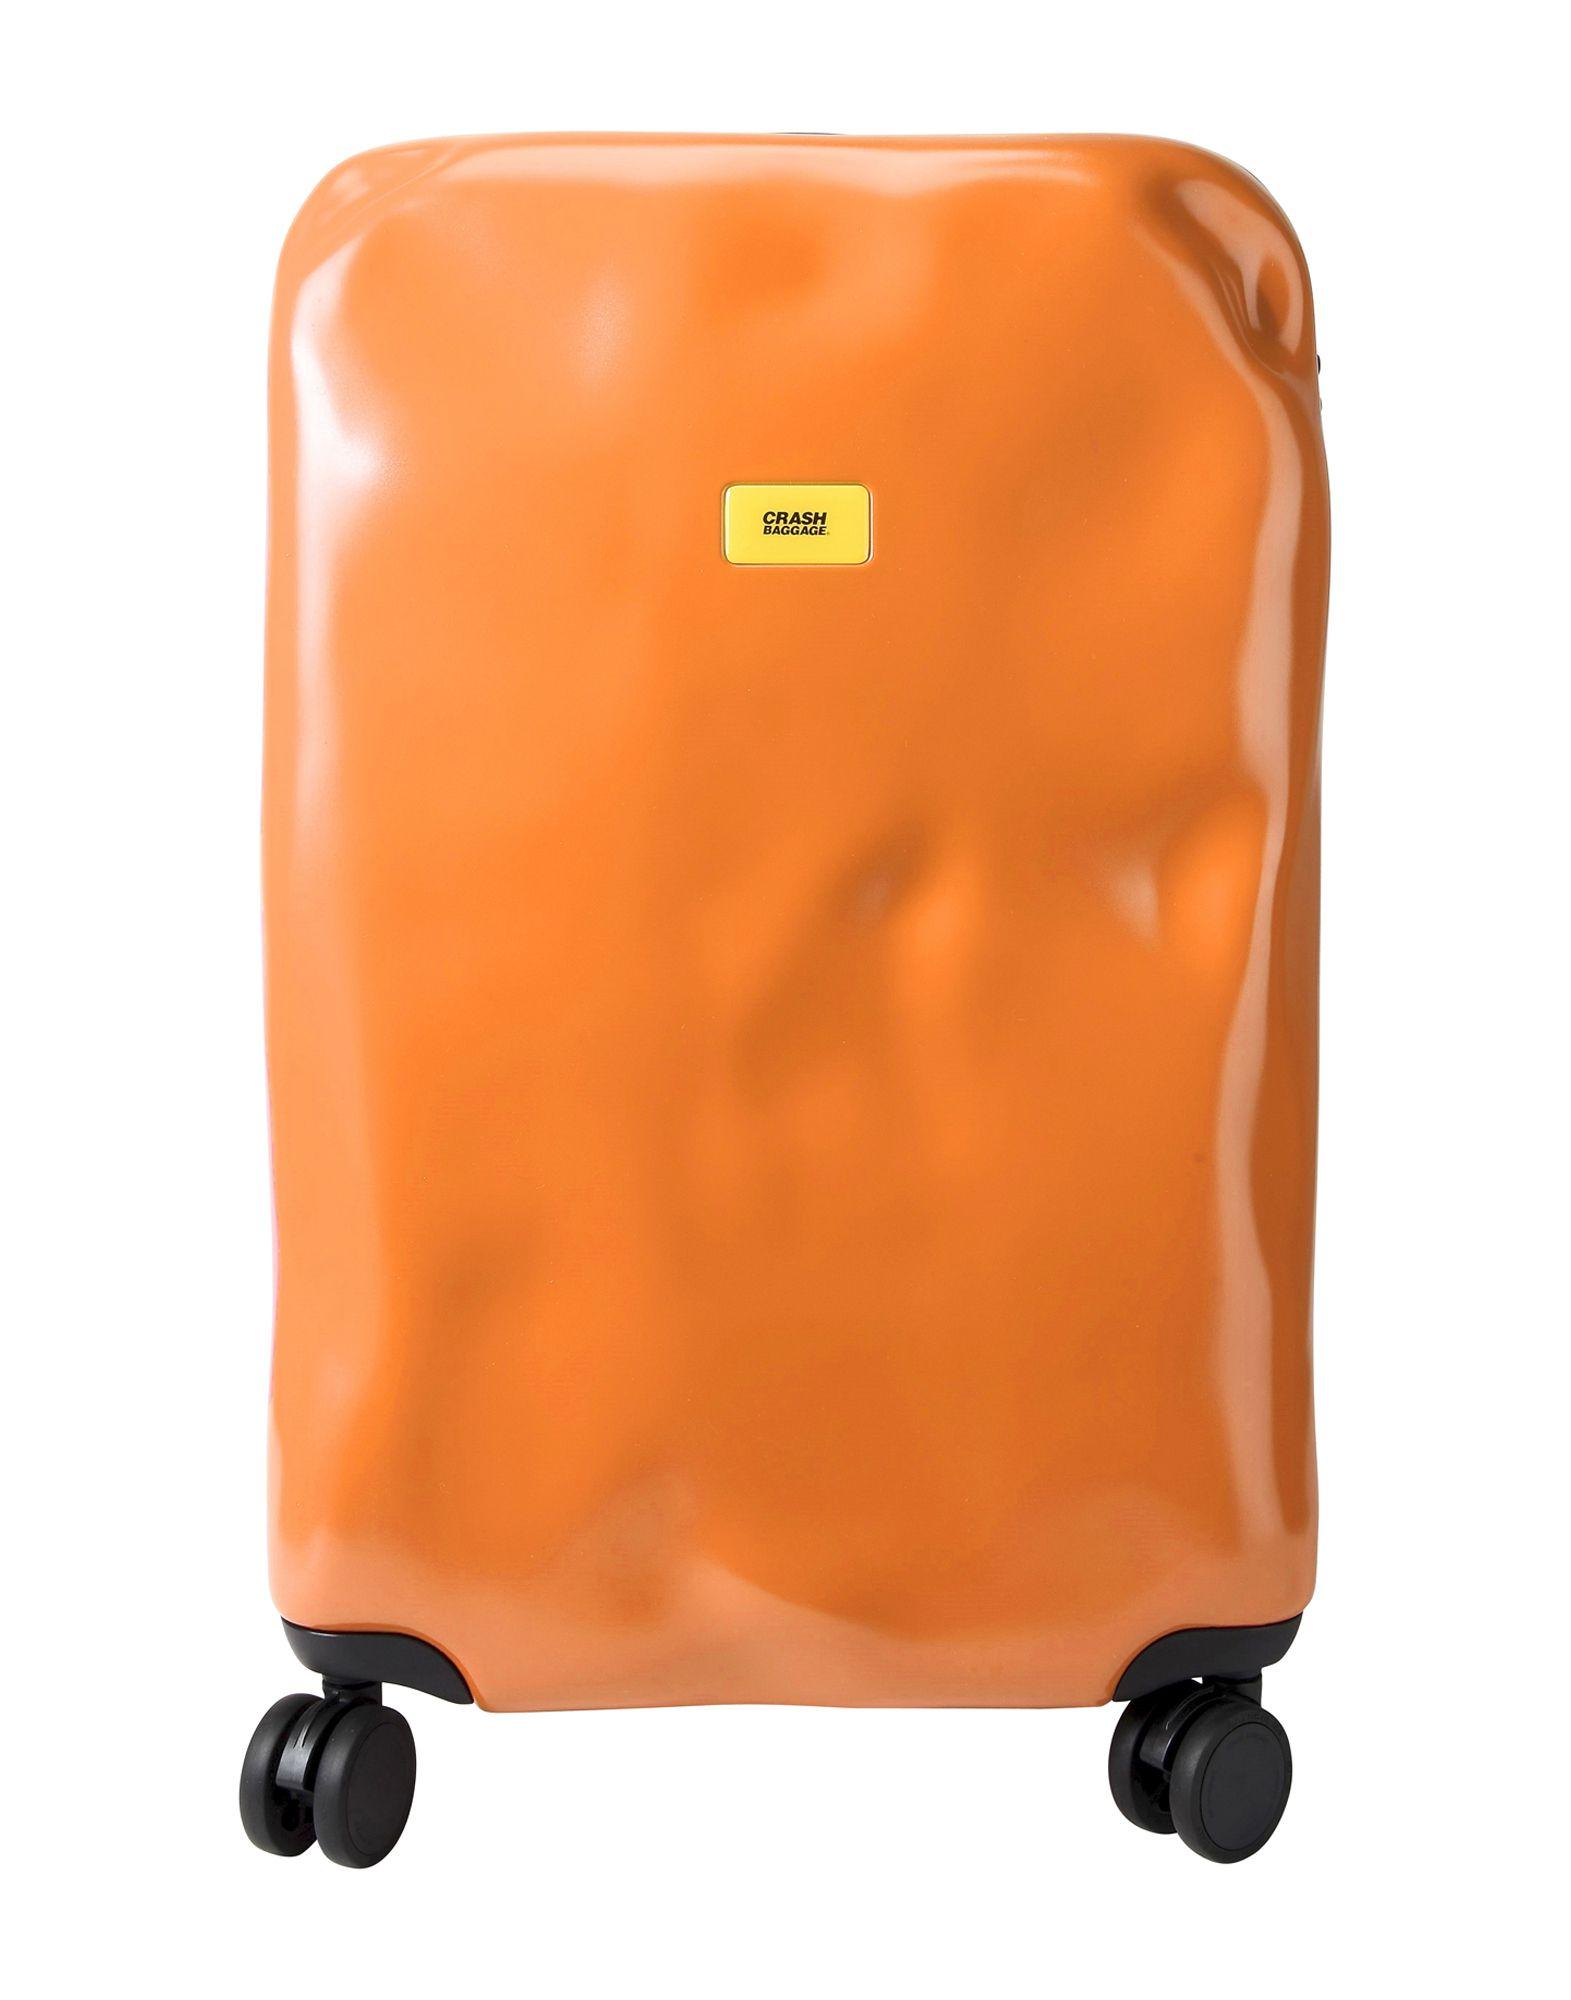 《送料無料》CRASH BAGGAGE Unisex キャスター付きバッグ オレンジ ポリカーボネート PIONEER Medium 4w.